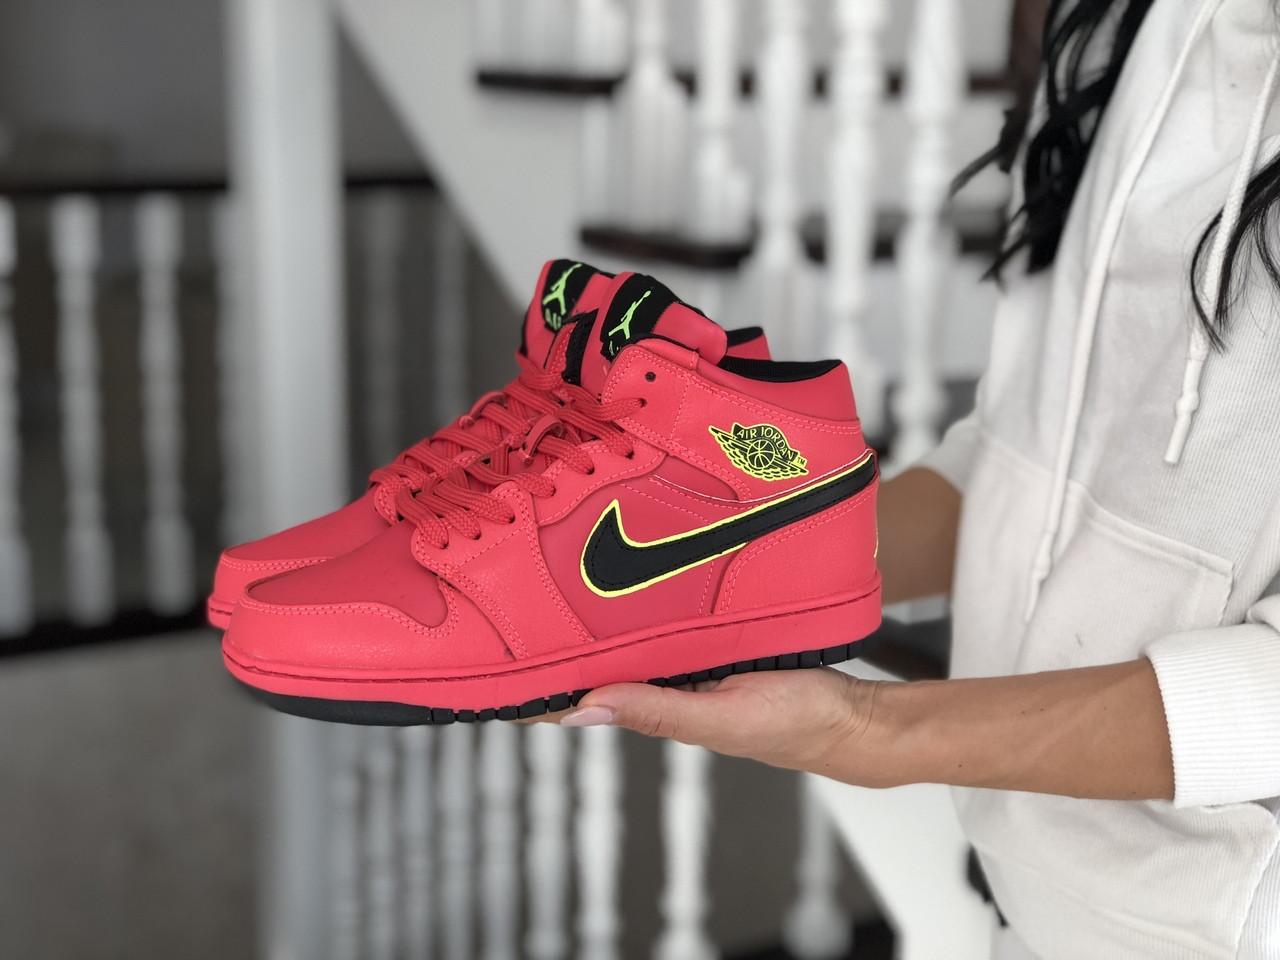 Высокие зимние подростковые кроссовки Nike Air Jordan 1 Retro,красные